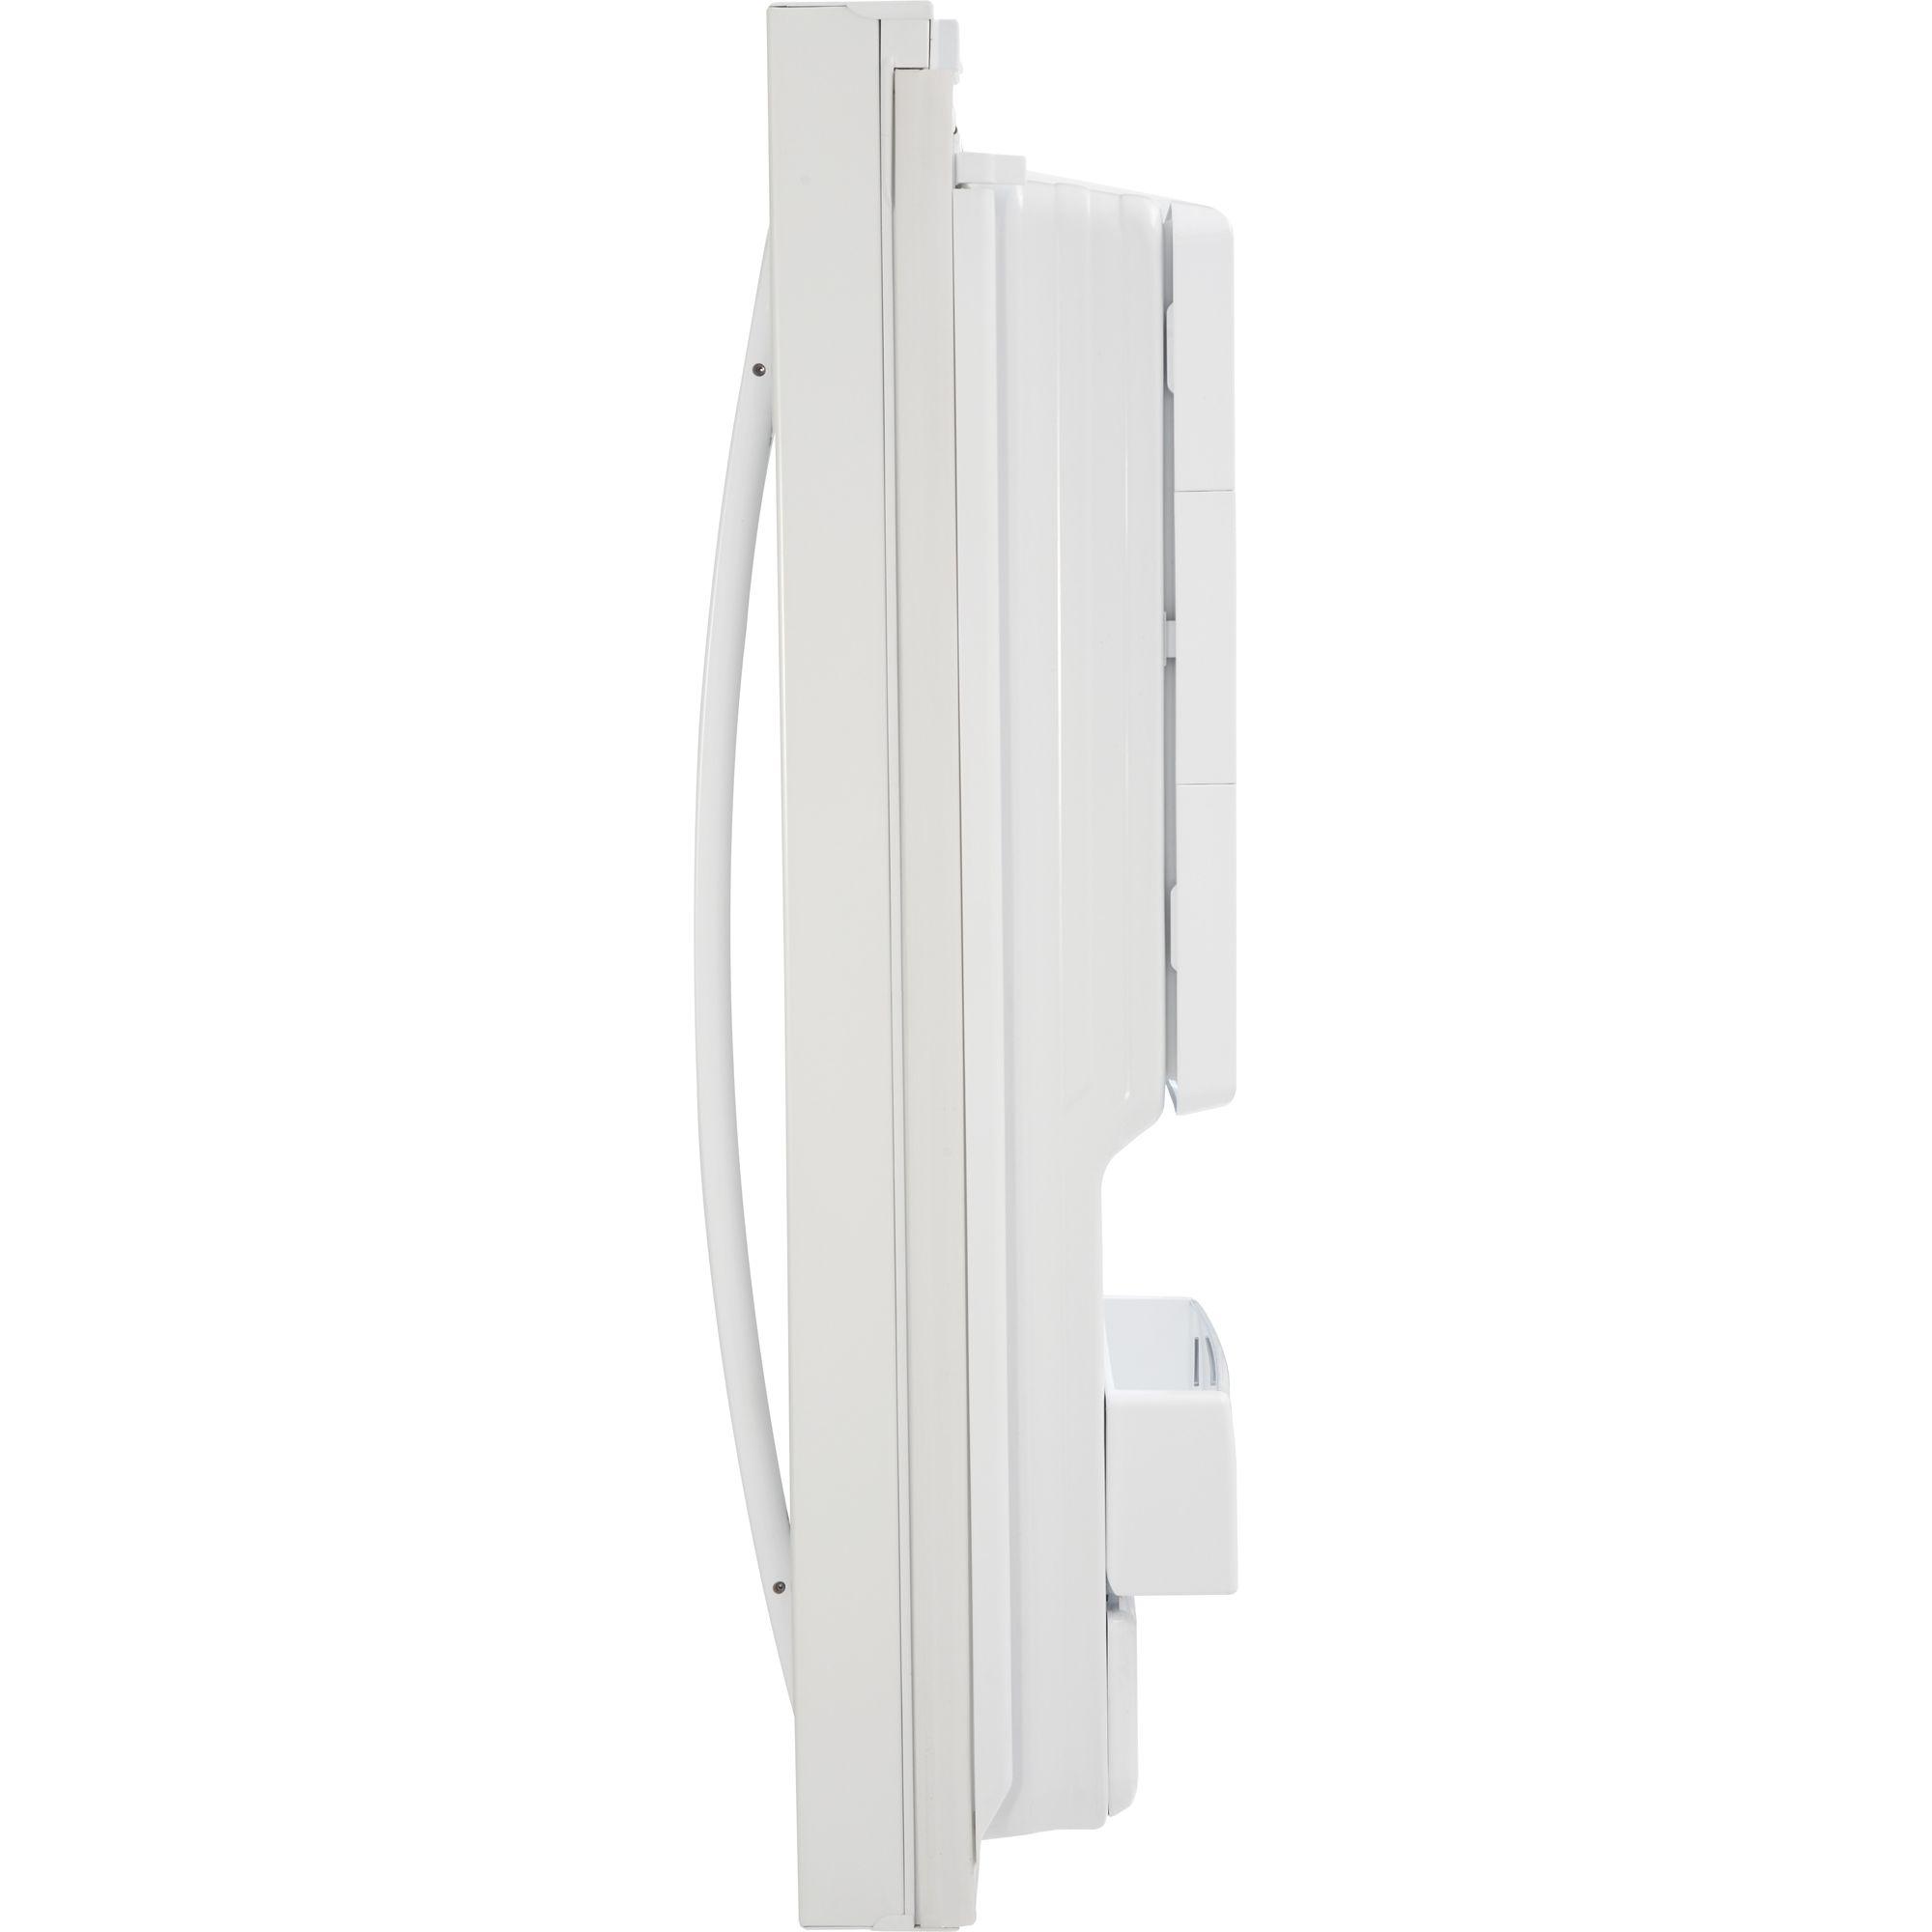 Kenmore 24.7 cu. ft. French-Door Bottom-Freezer Refrigerator